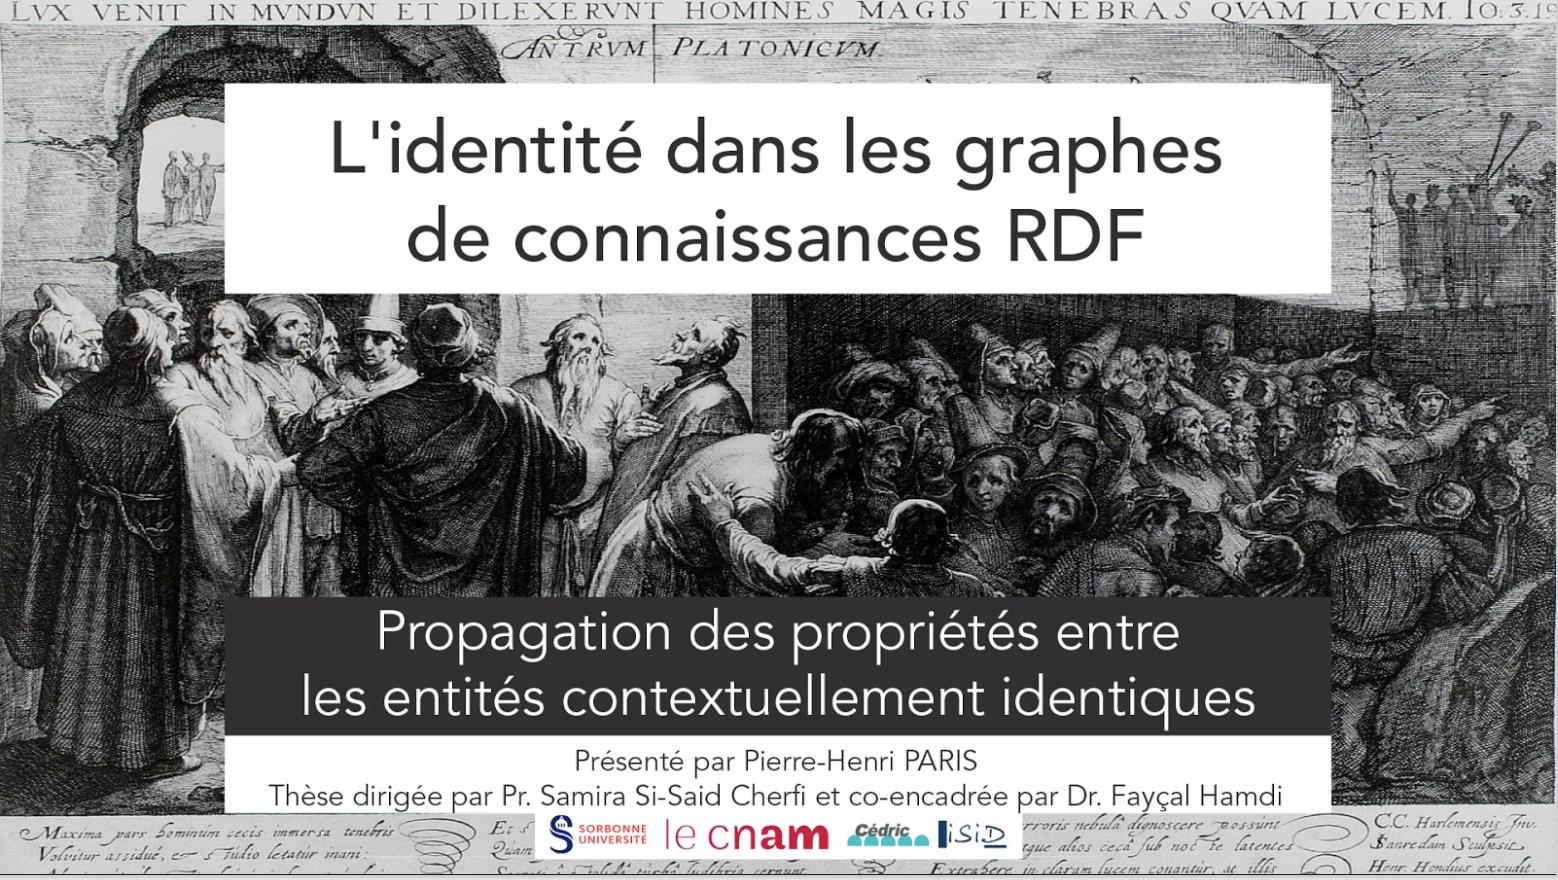 Soutenance de thèse de Pierre-Henri PARIS